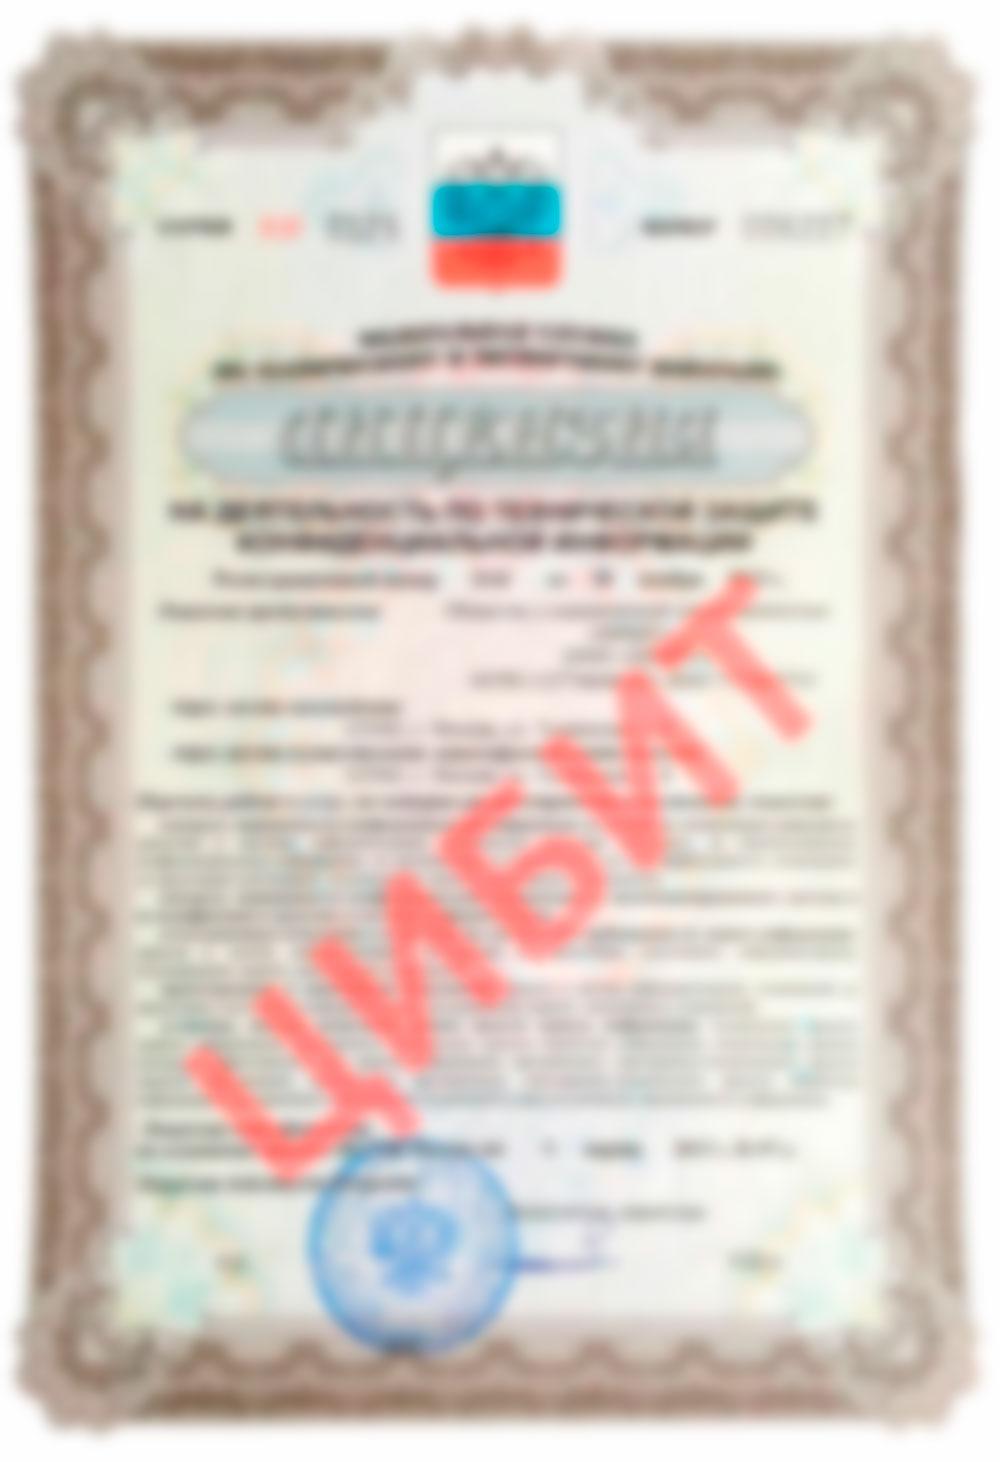 Лицензия ФСТЭК на деятельность по технической защите конфиденциальной информации